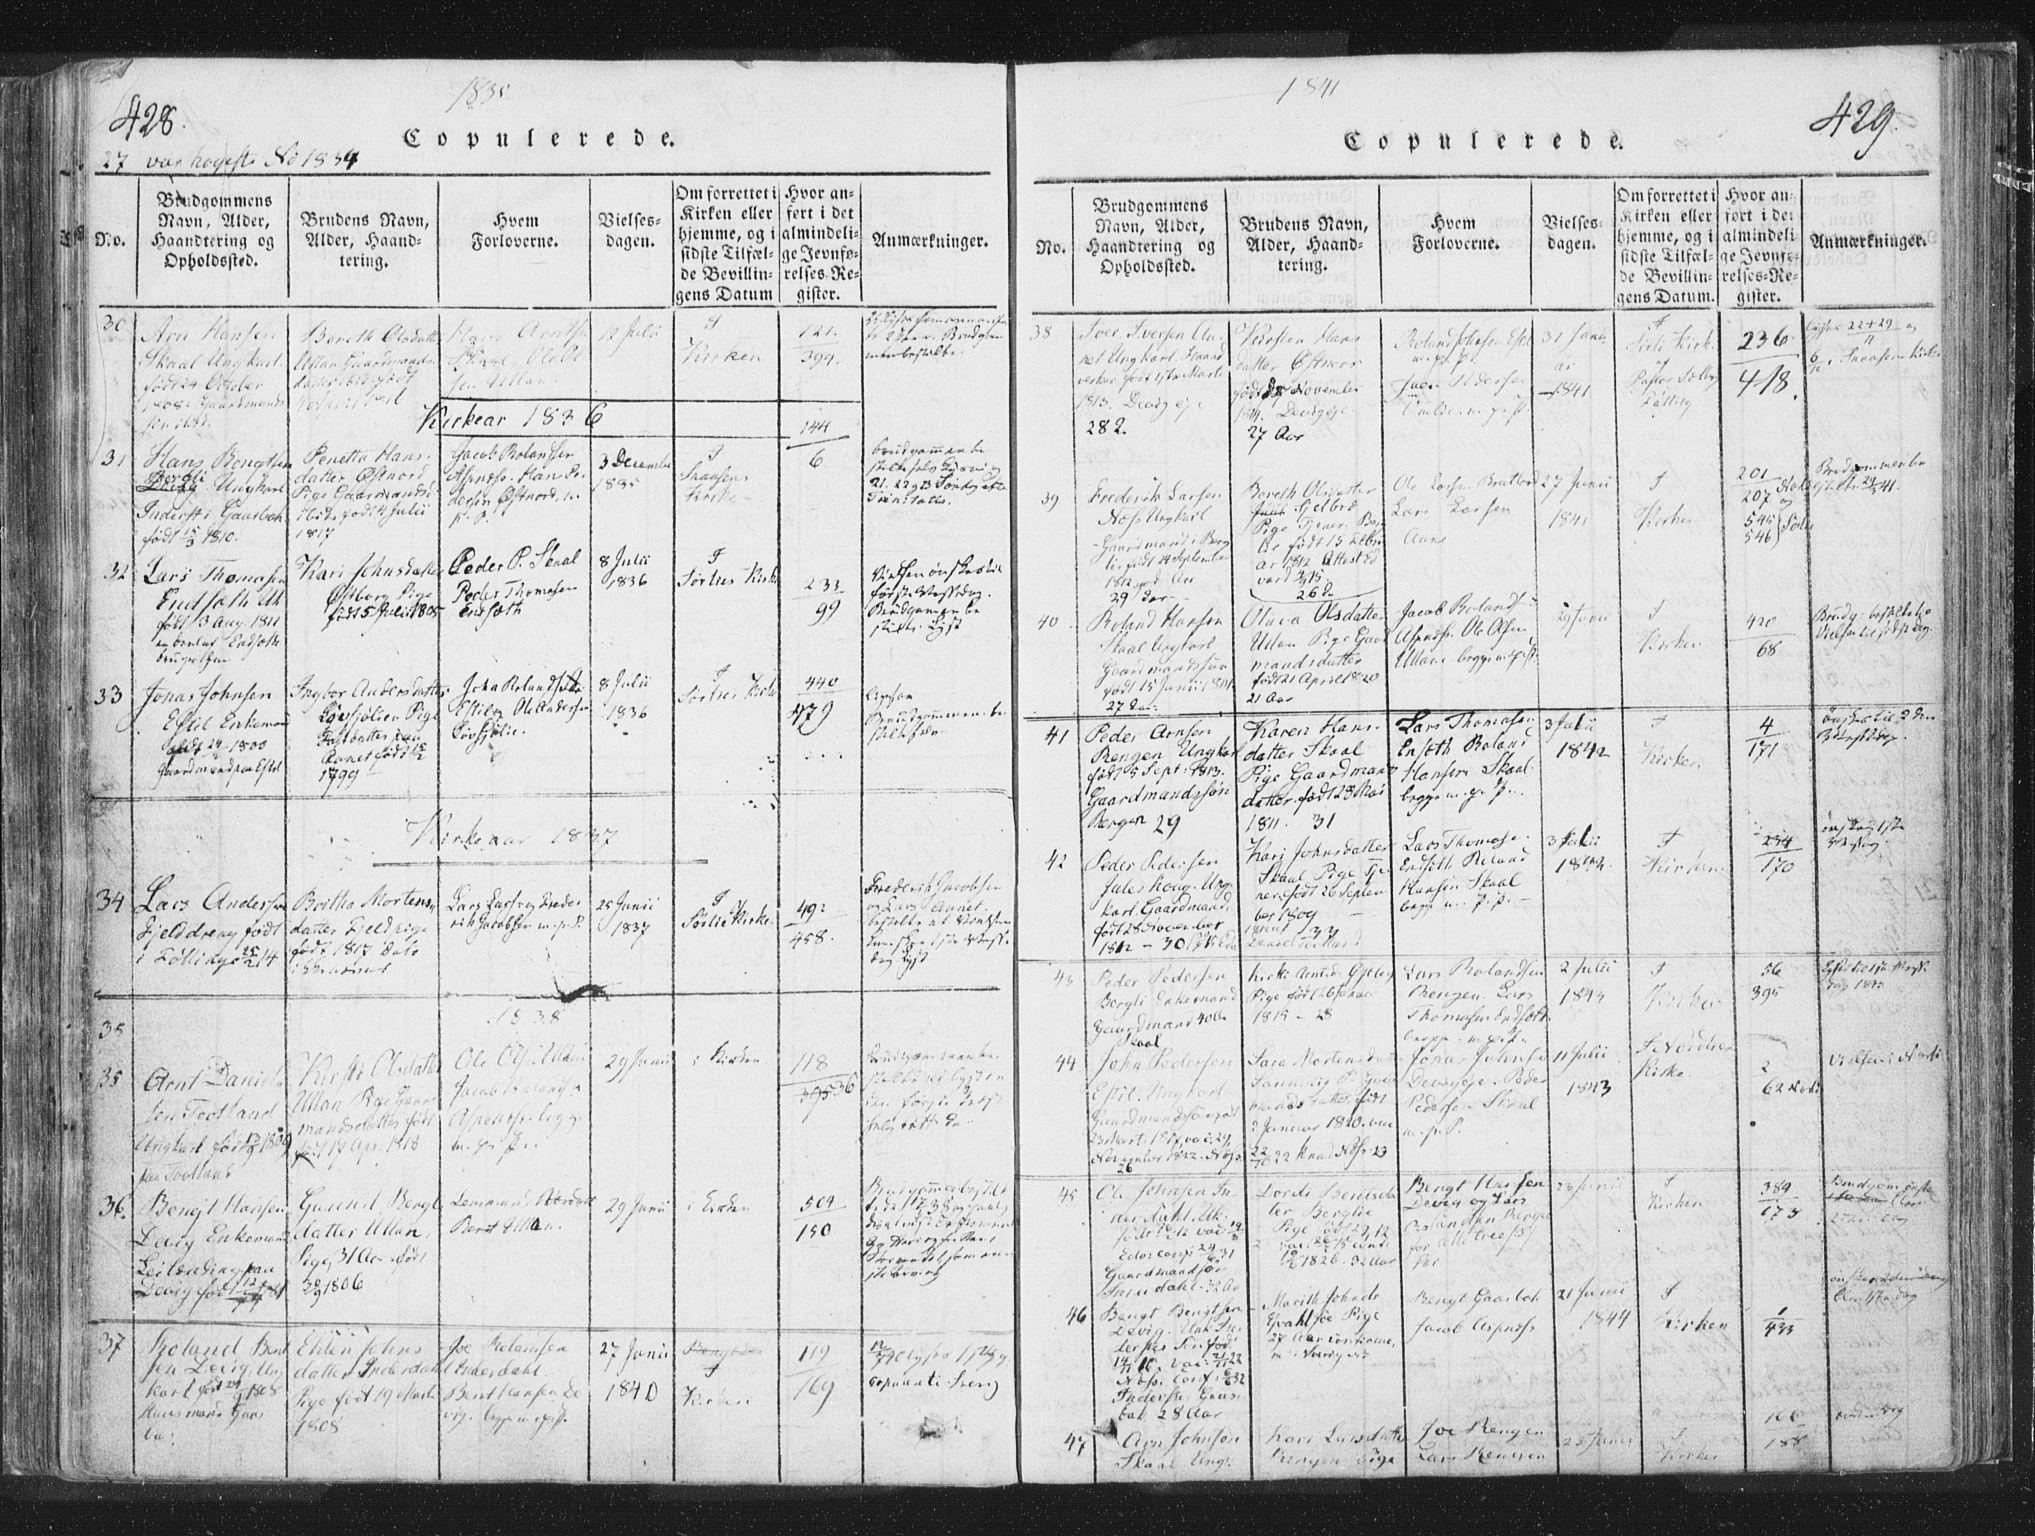 SAT, Ministerialprotokoller, klokkerbøker og fødselsregistre - Nord-Trøndelag, 755/L0491: Ministerialbok nr. 755A01 /2, 1817-1864, s. 428-429